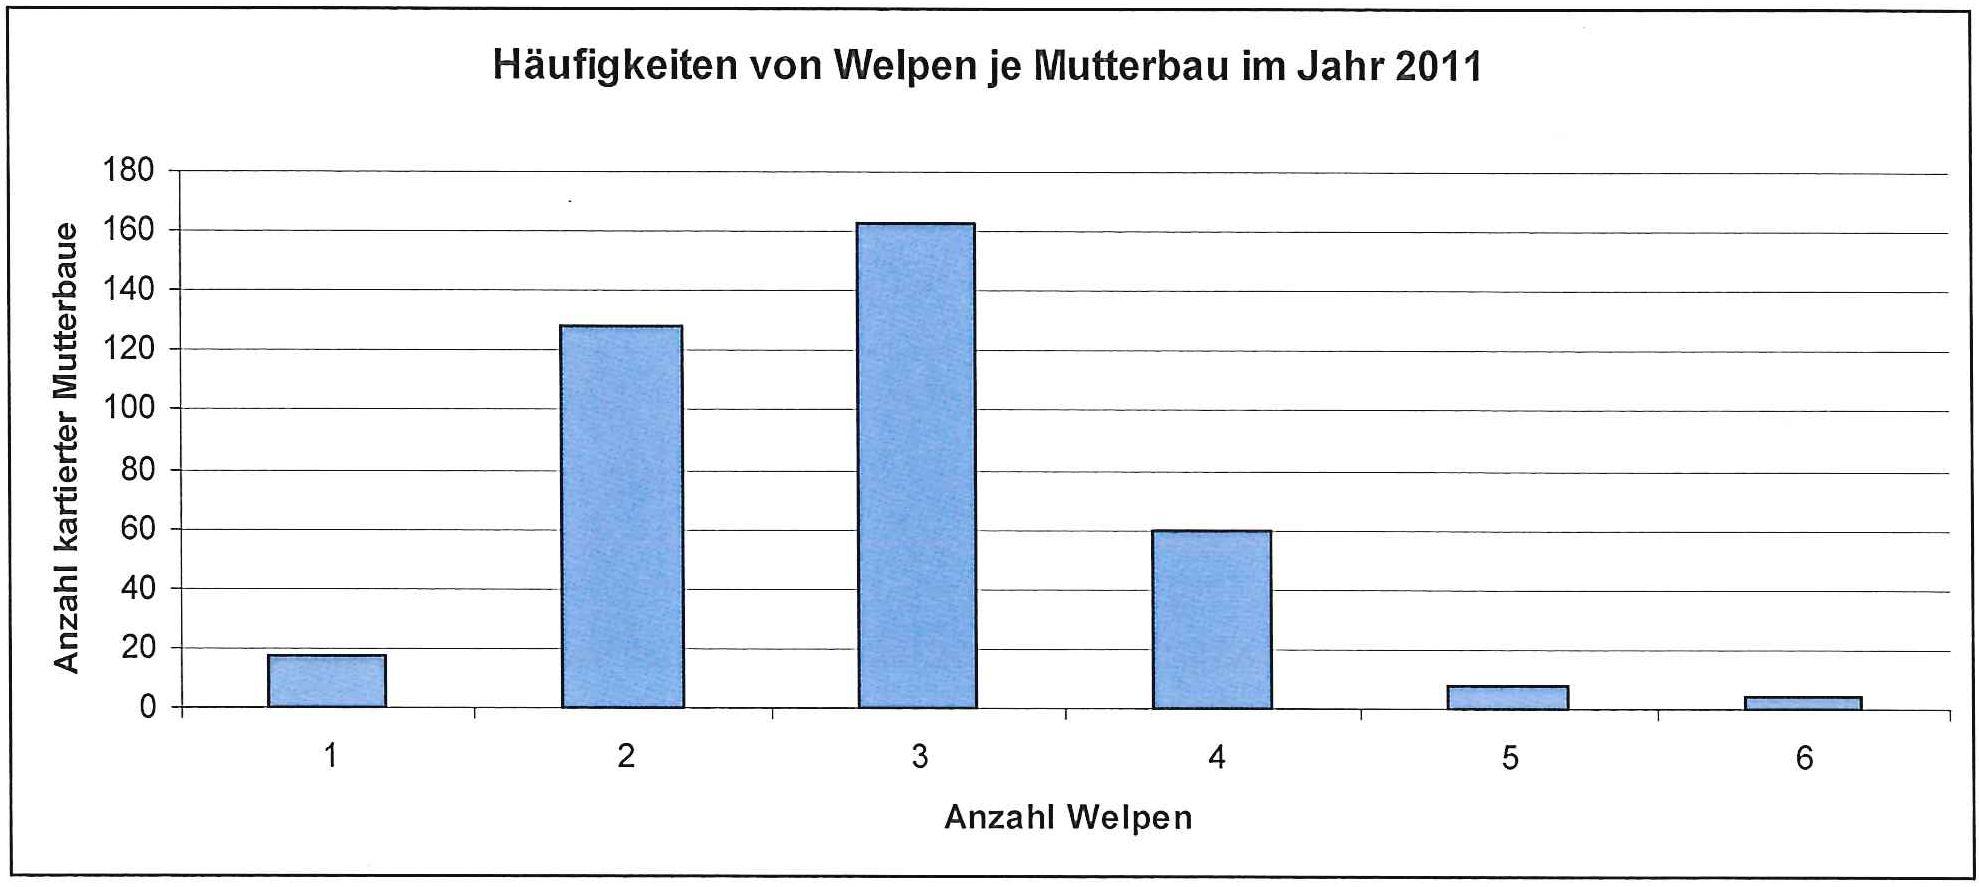 Häufigkeiten von Welpen je kartiertem Mutterbau (n=380)